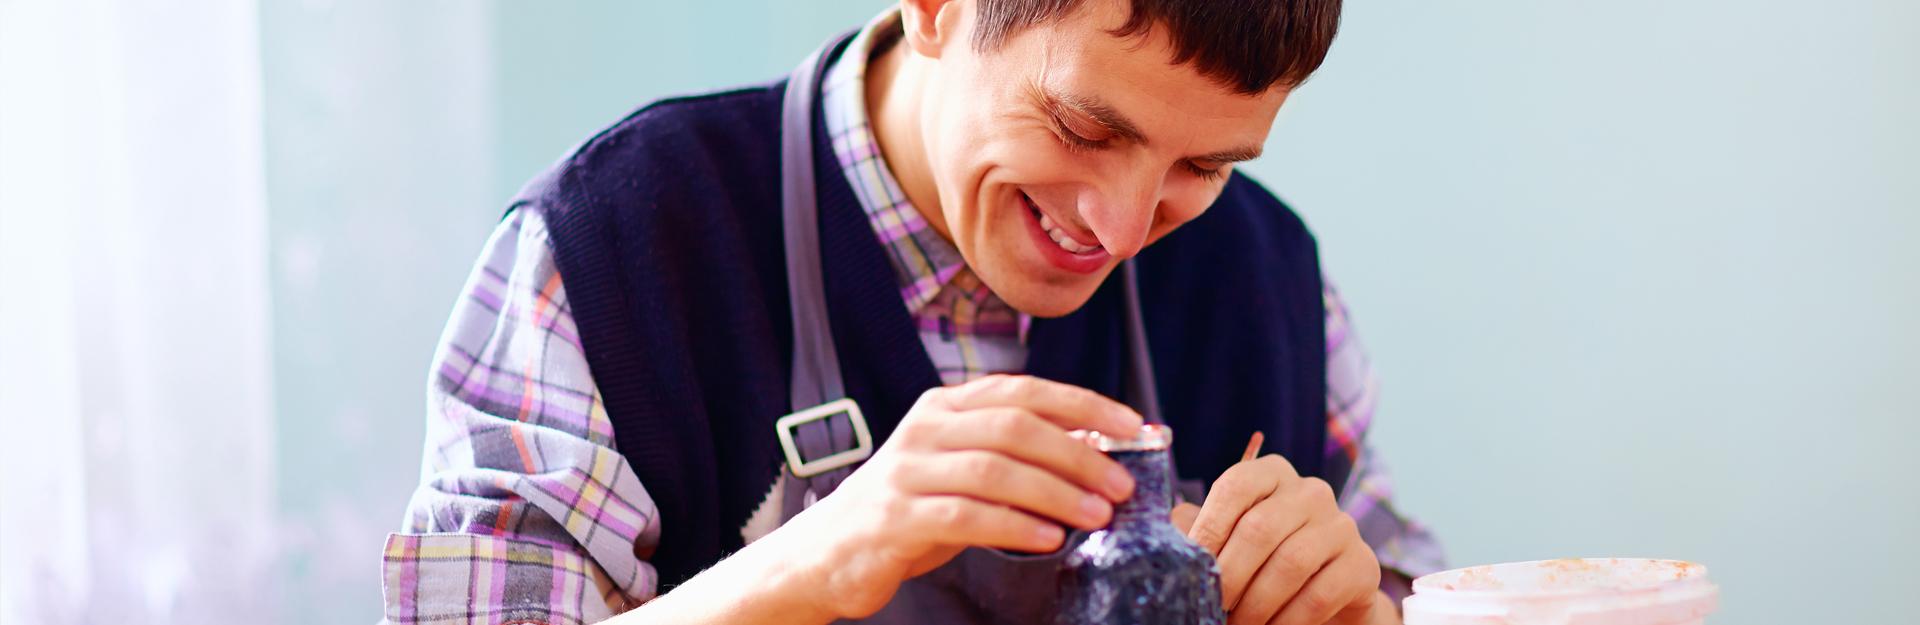 Un hombre con discapacidad realiza manualidades.